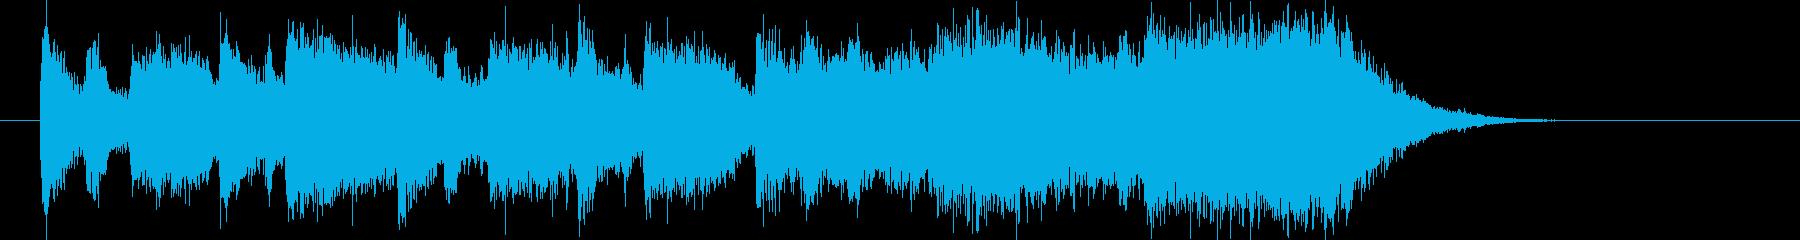 ストリングスが特徴なバンドのジングルの再生済みの波形